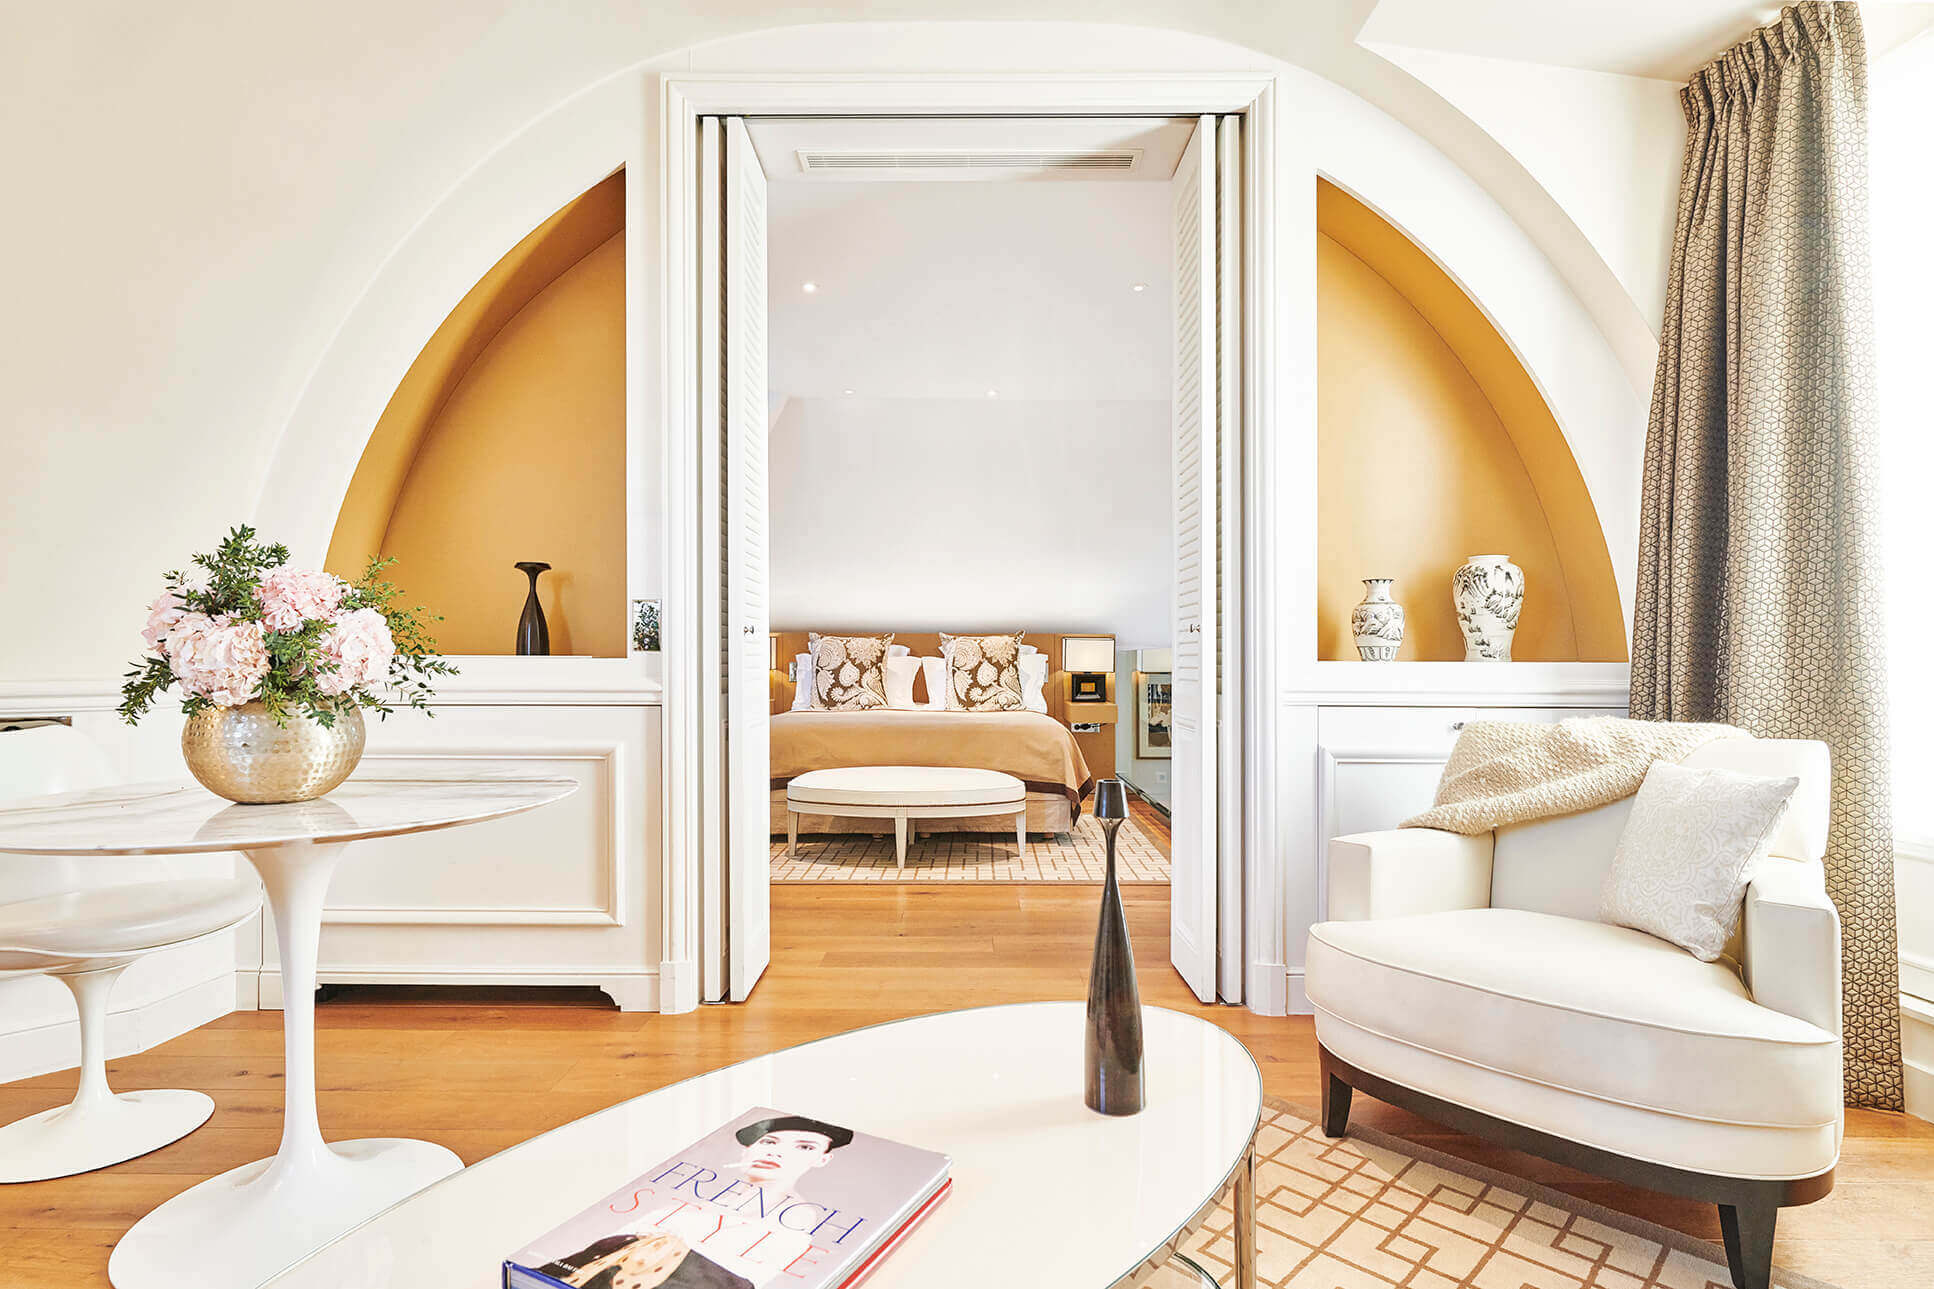 Quels sont les meilleurs hôtels de Paris Centre (1er au 6e arrondissement inclus) ? Retrouvez notre sélection : hôtels de luxe ou 5-étoiles, boutique-hôtels, palaces, hôtels design, adresses intimistes...